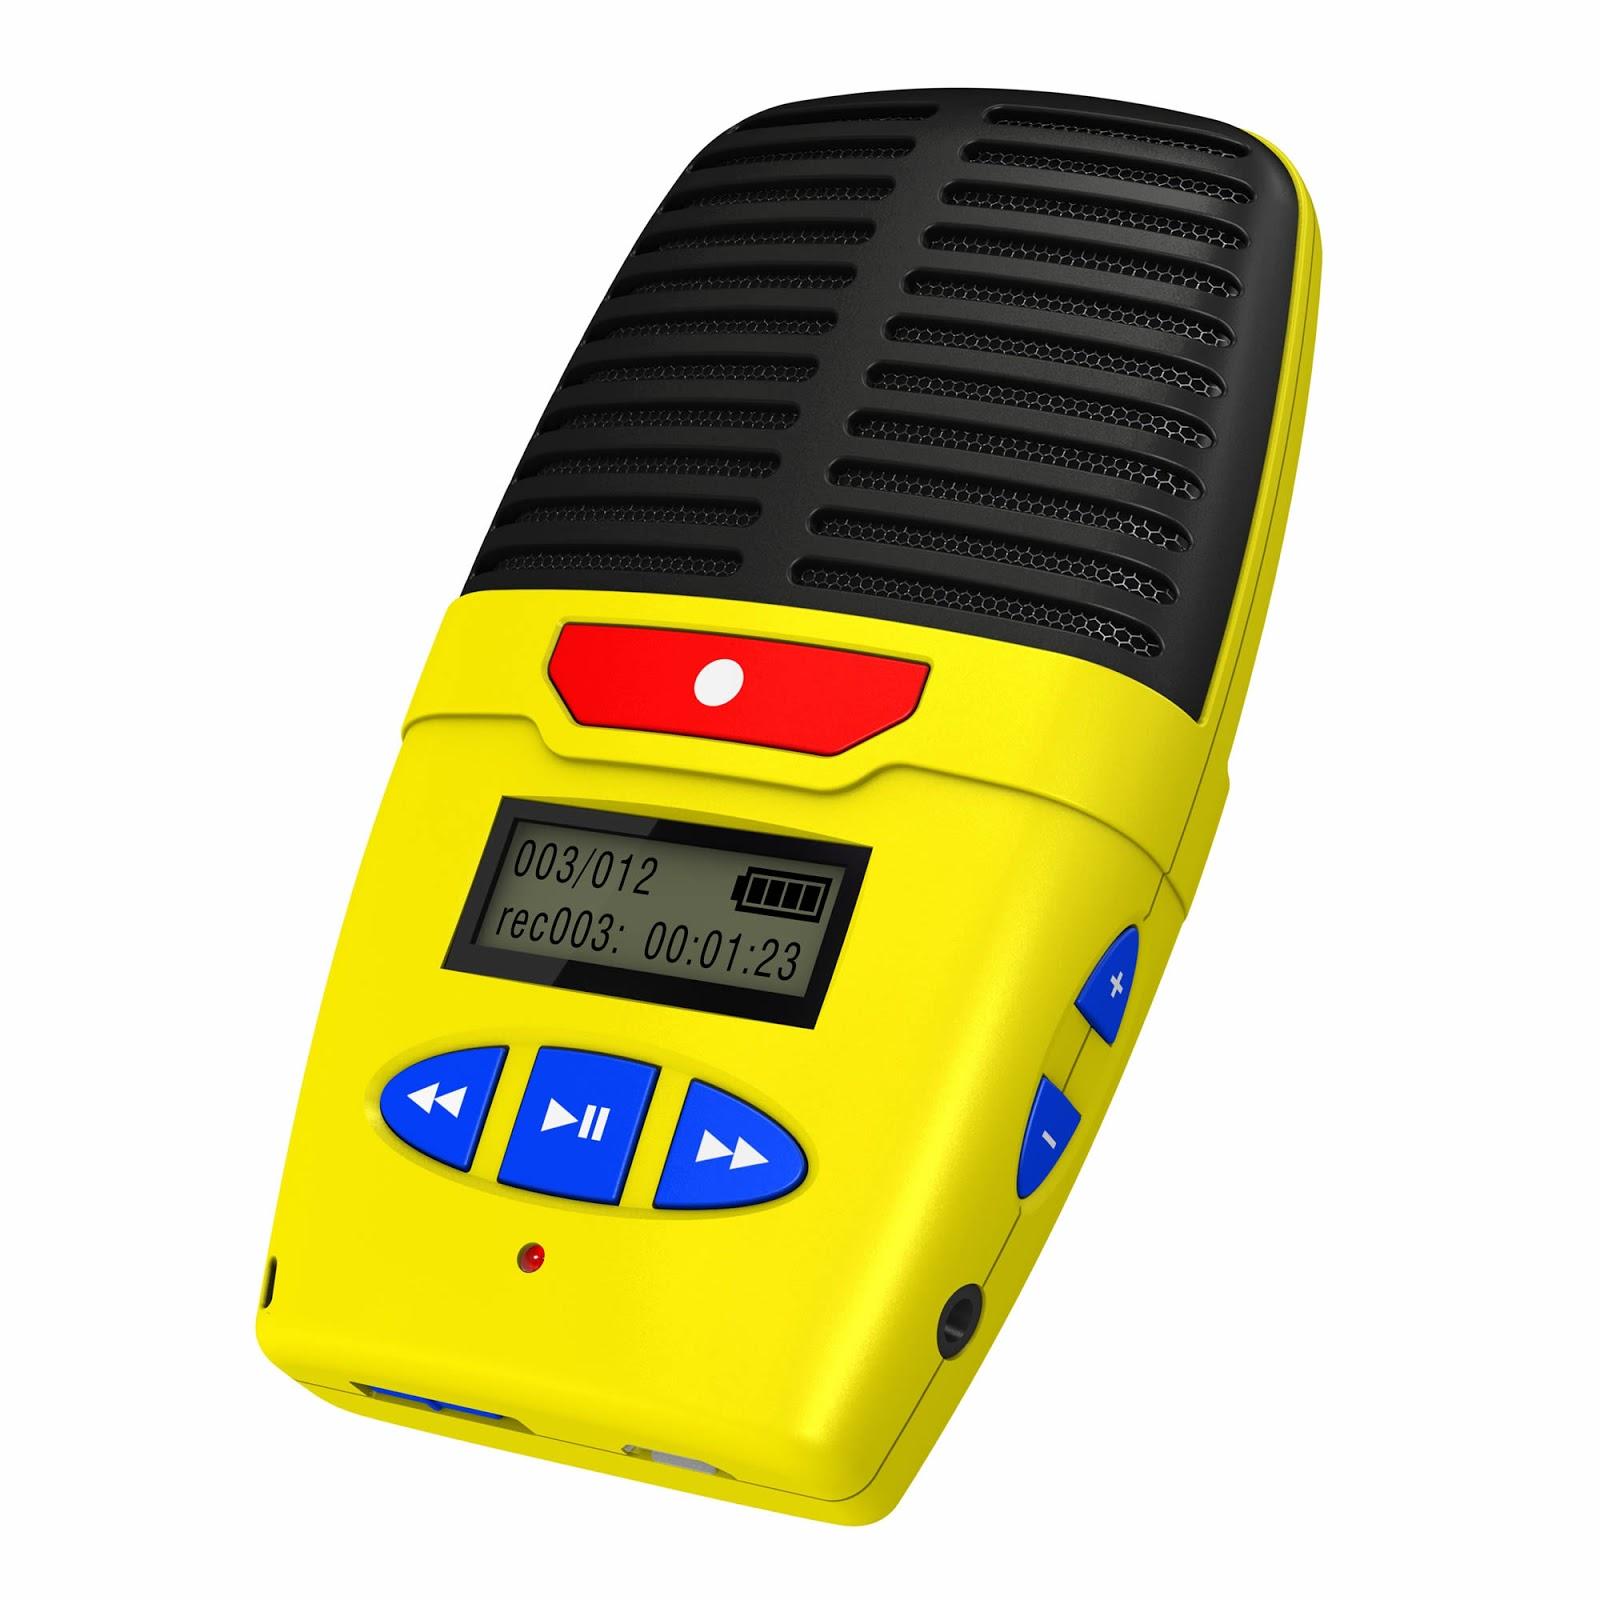 1804003ead8 Introducing the Micro-Speak Plus Digital Voice Recorder